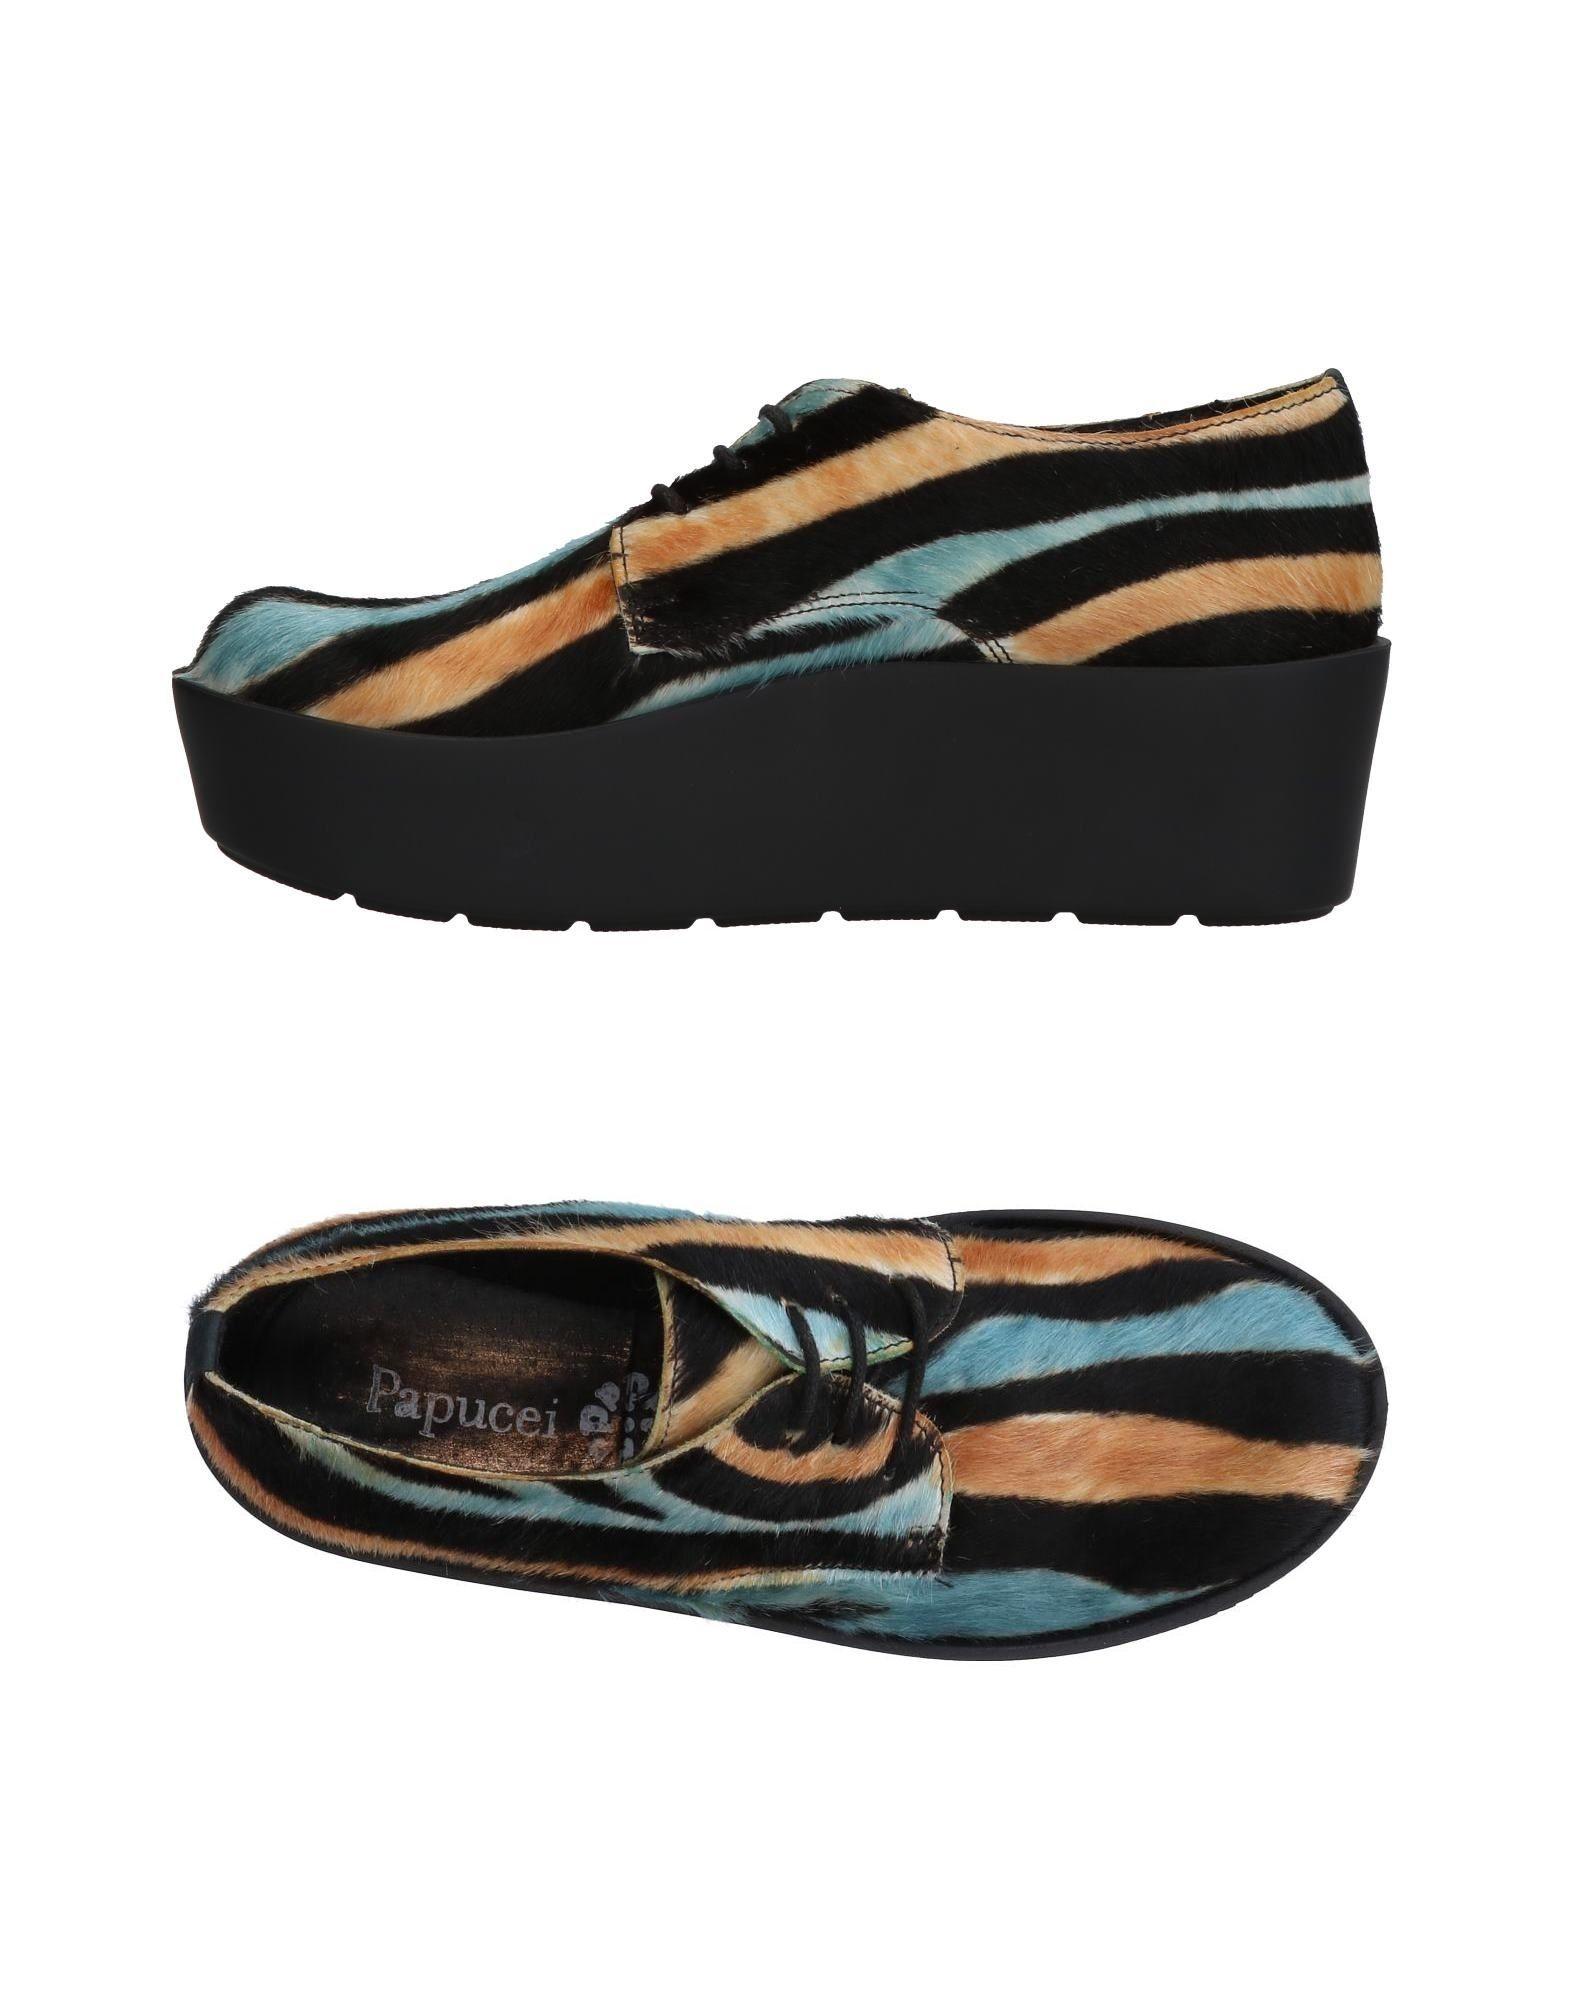 Papucei Schnürschuhe Damen  11322562XX Gute Qualität beliebte Schuhe